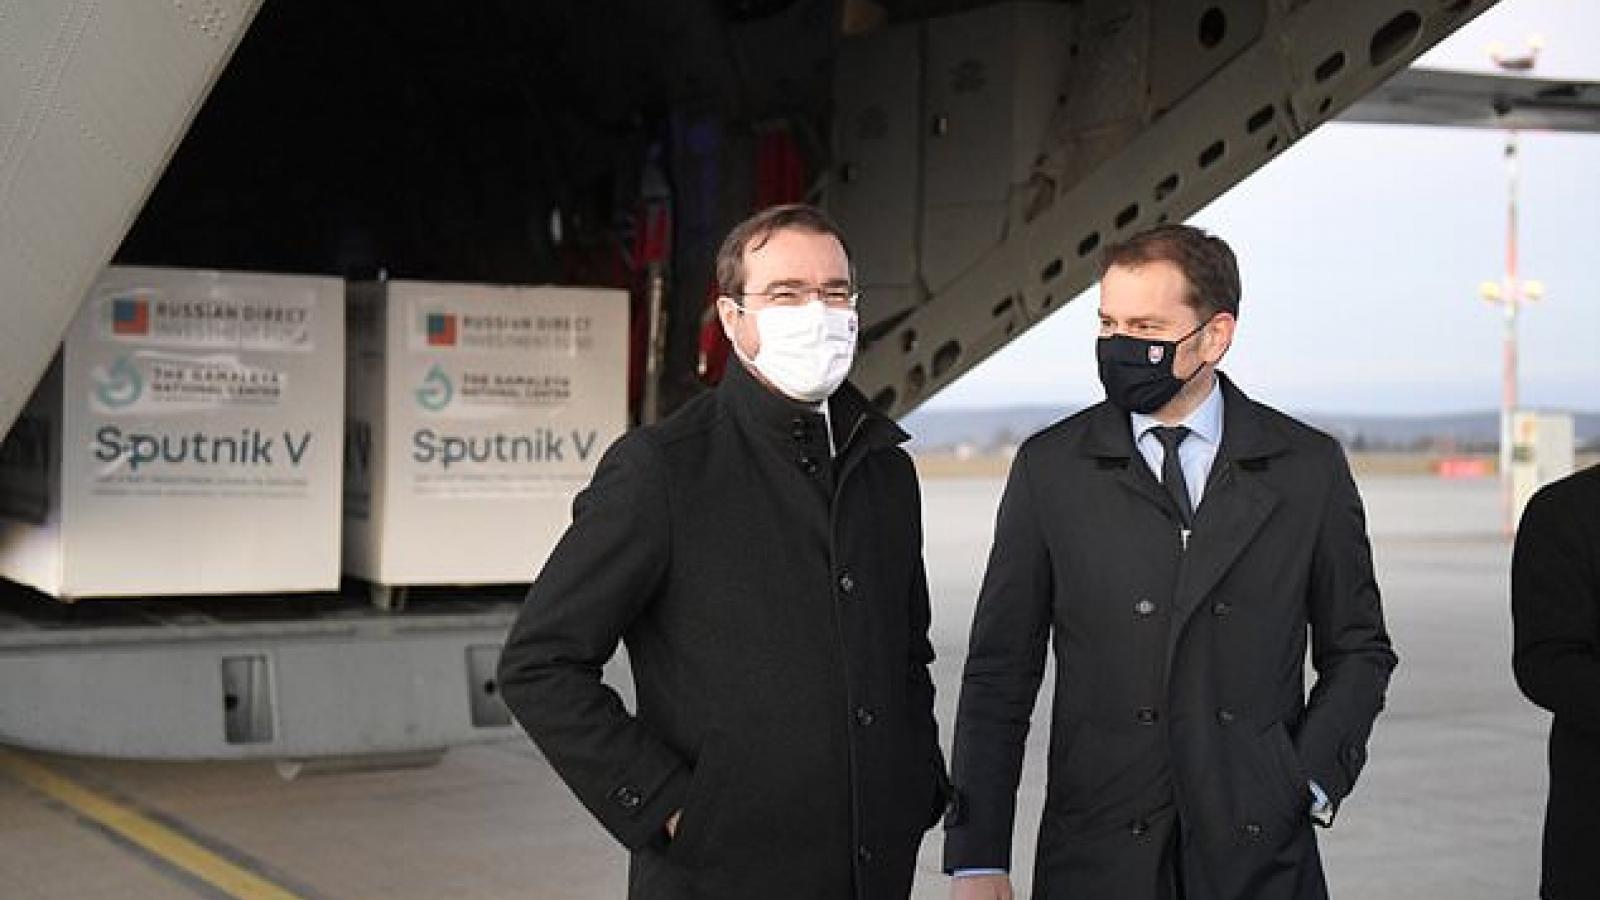 Bộ trưởng Y tế Slovakia từ chức để chấm dứt khủng hoảng liên quan đến vaccine Sputnik